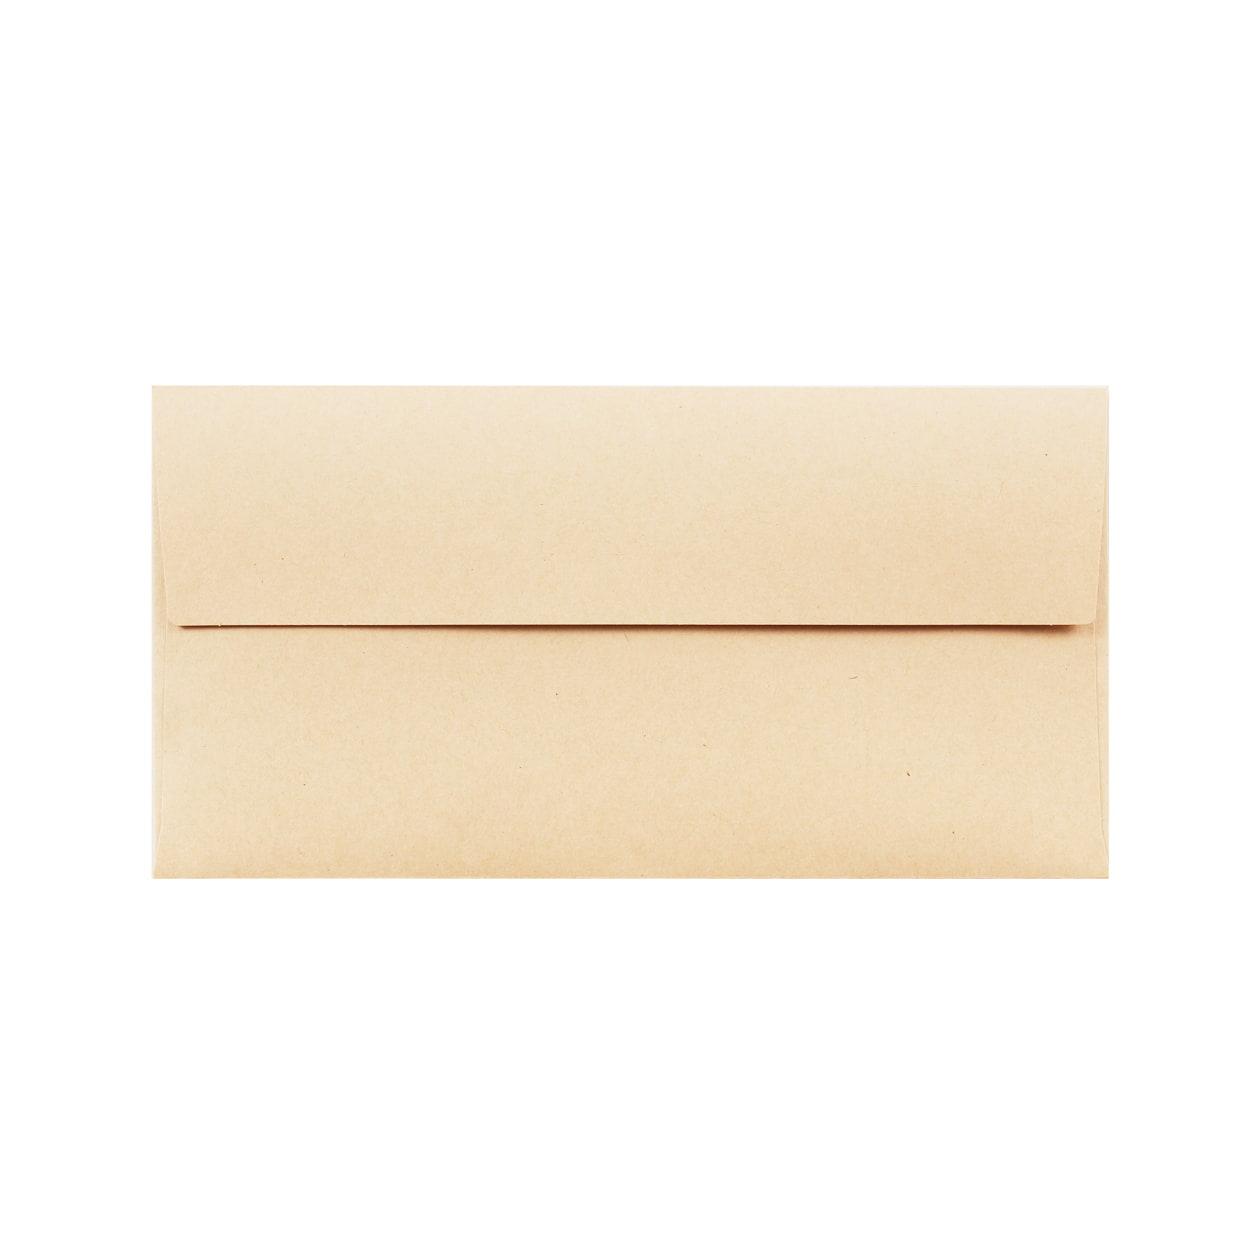 洋6カマス封筒 HAGURUMA Basic ウッドブラウン 100g